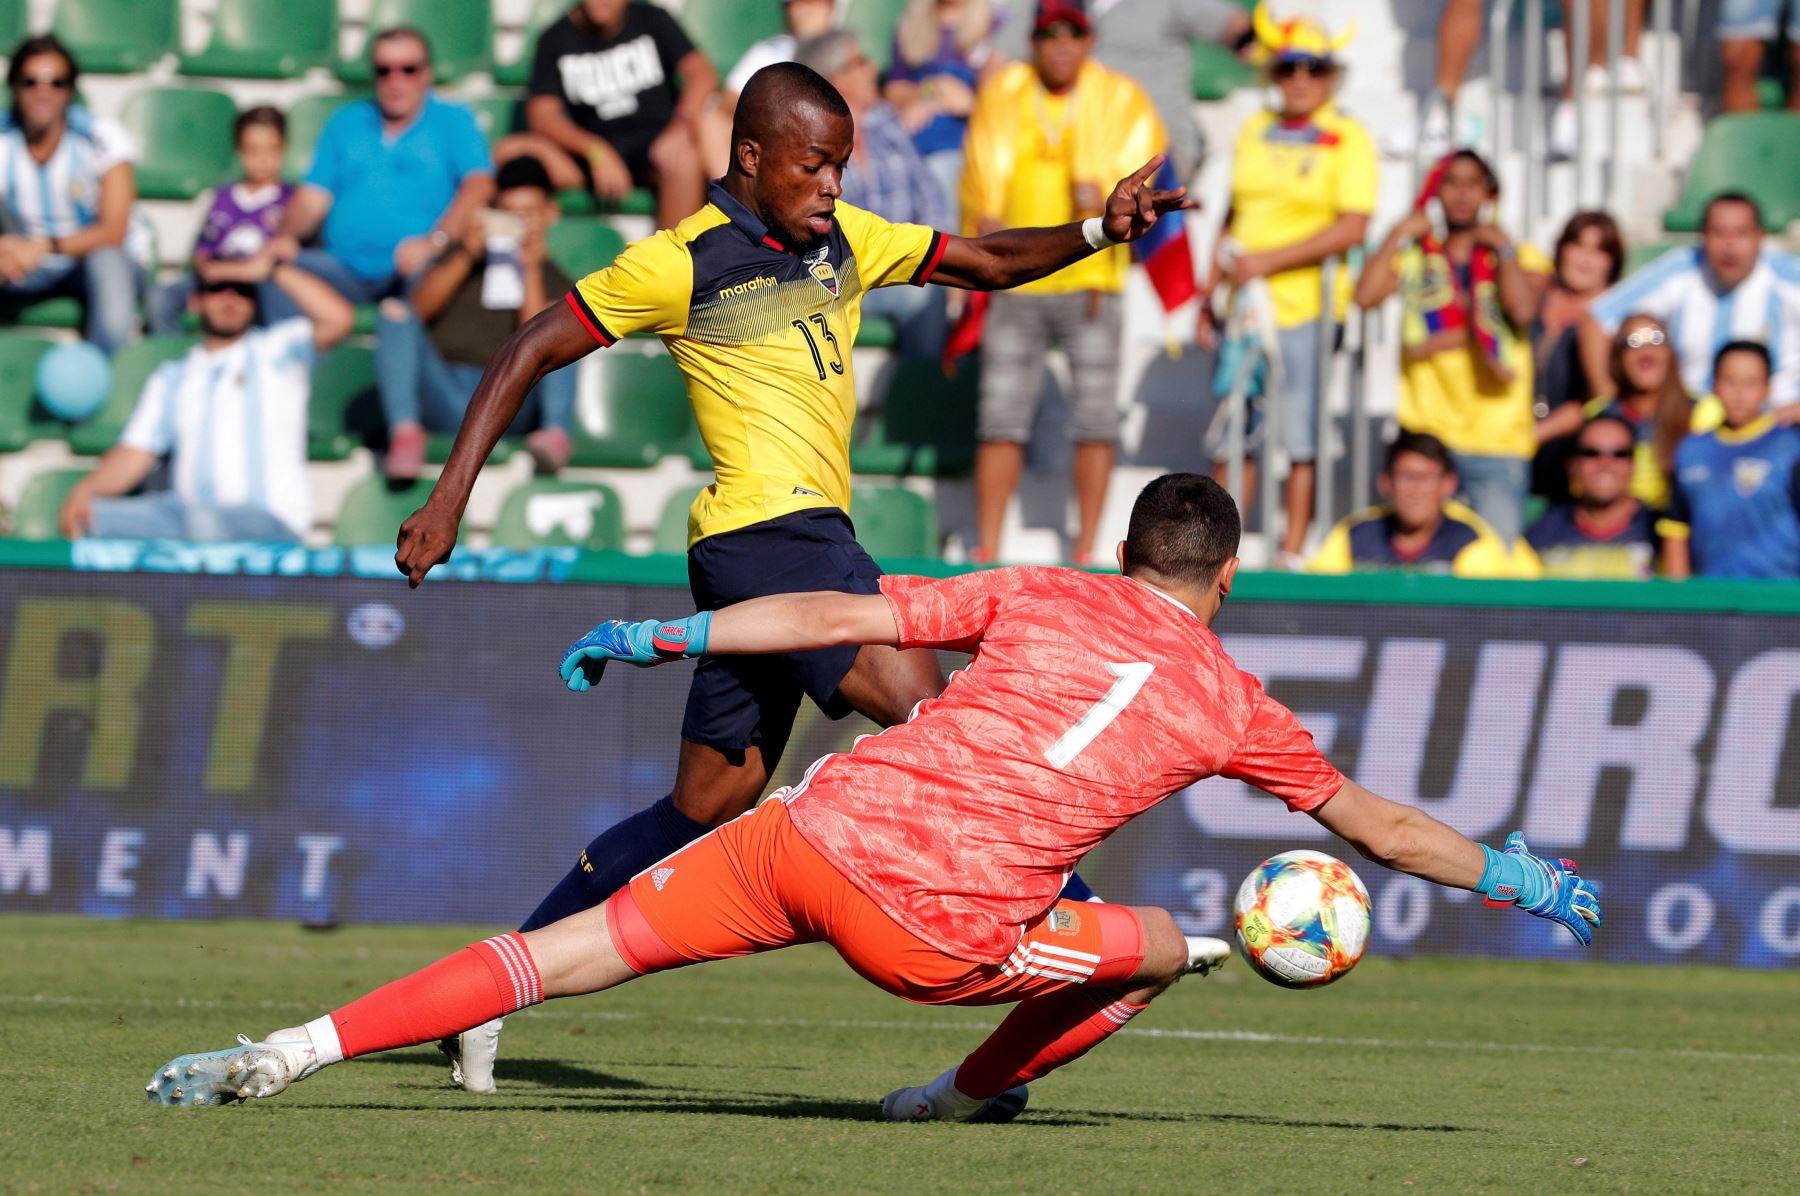 El guardameta argentino Agustin Marchesin intenta detener al delantero de Ecuador Enner Valencia en el partido amistoso disputado en estadio Martínez Valero, en España. Foto: EFE